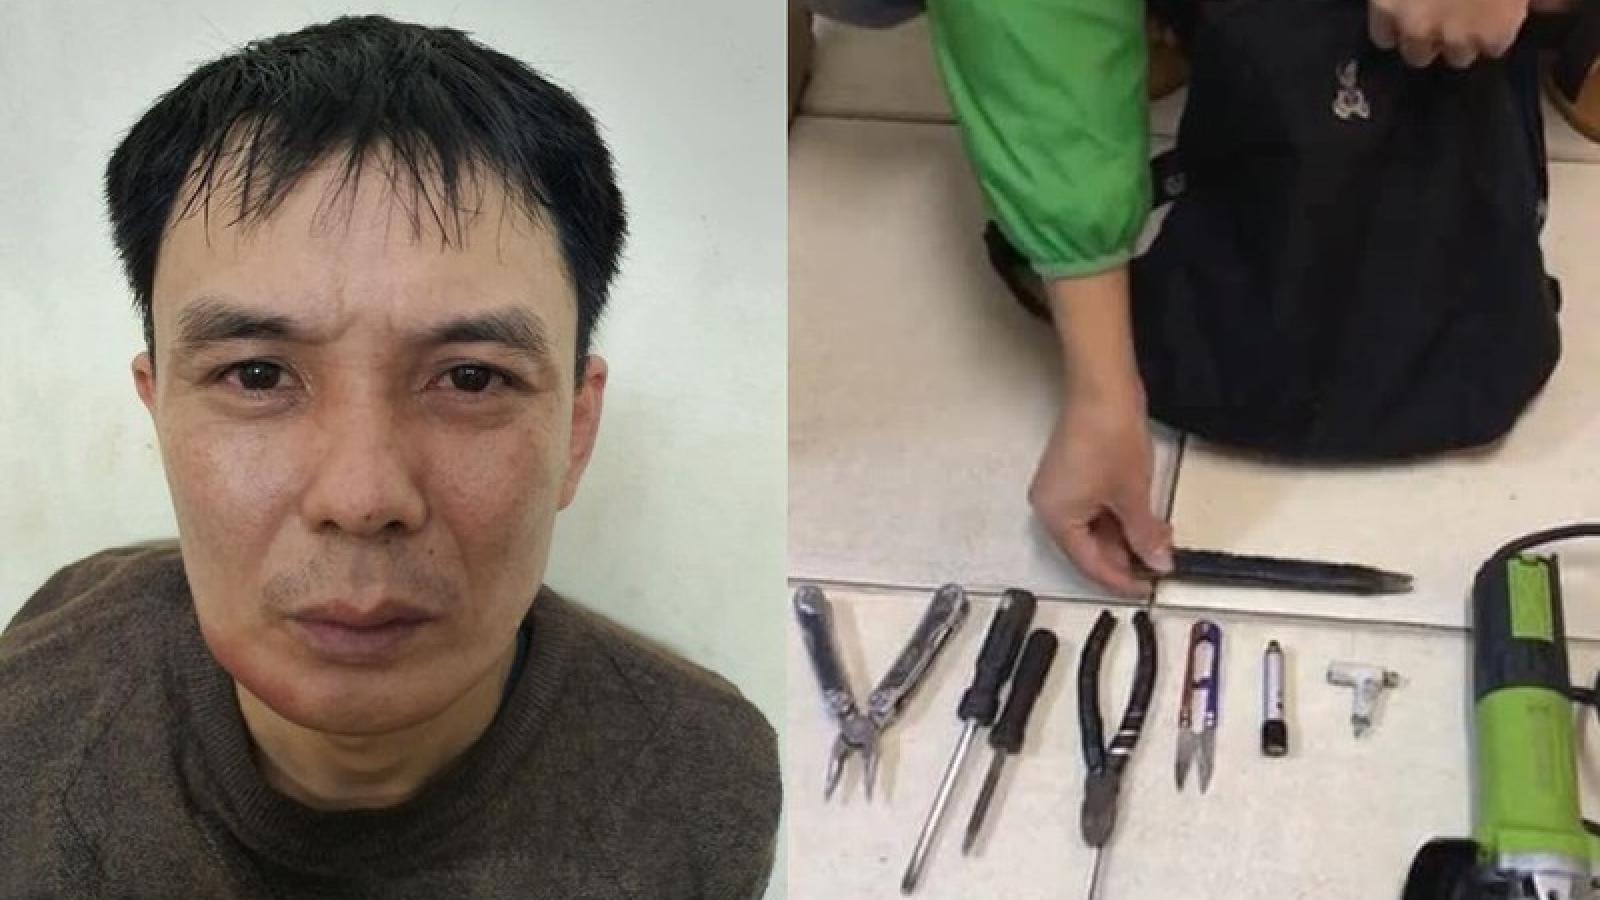 Đột nhập nhiều nhà dân ở Hà Nội trộm cắp tài sản